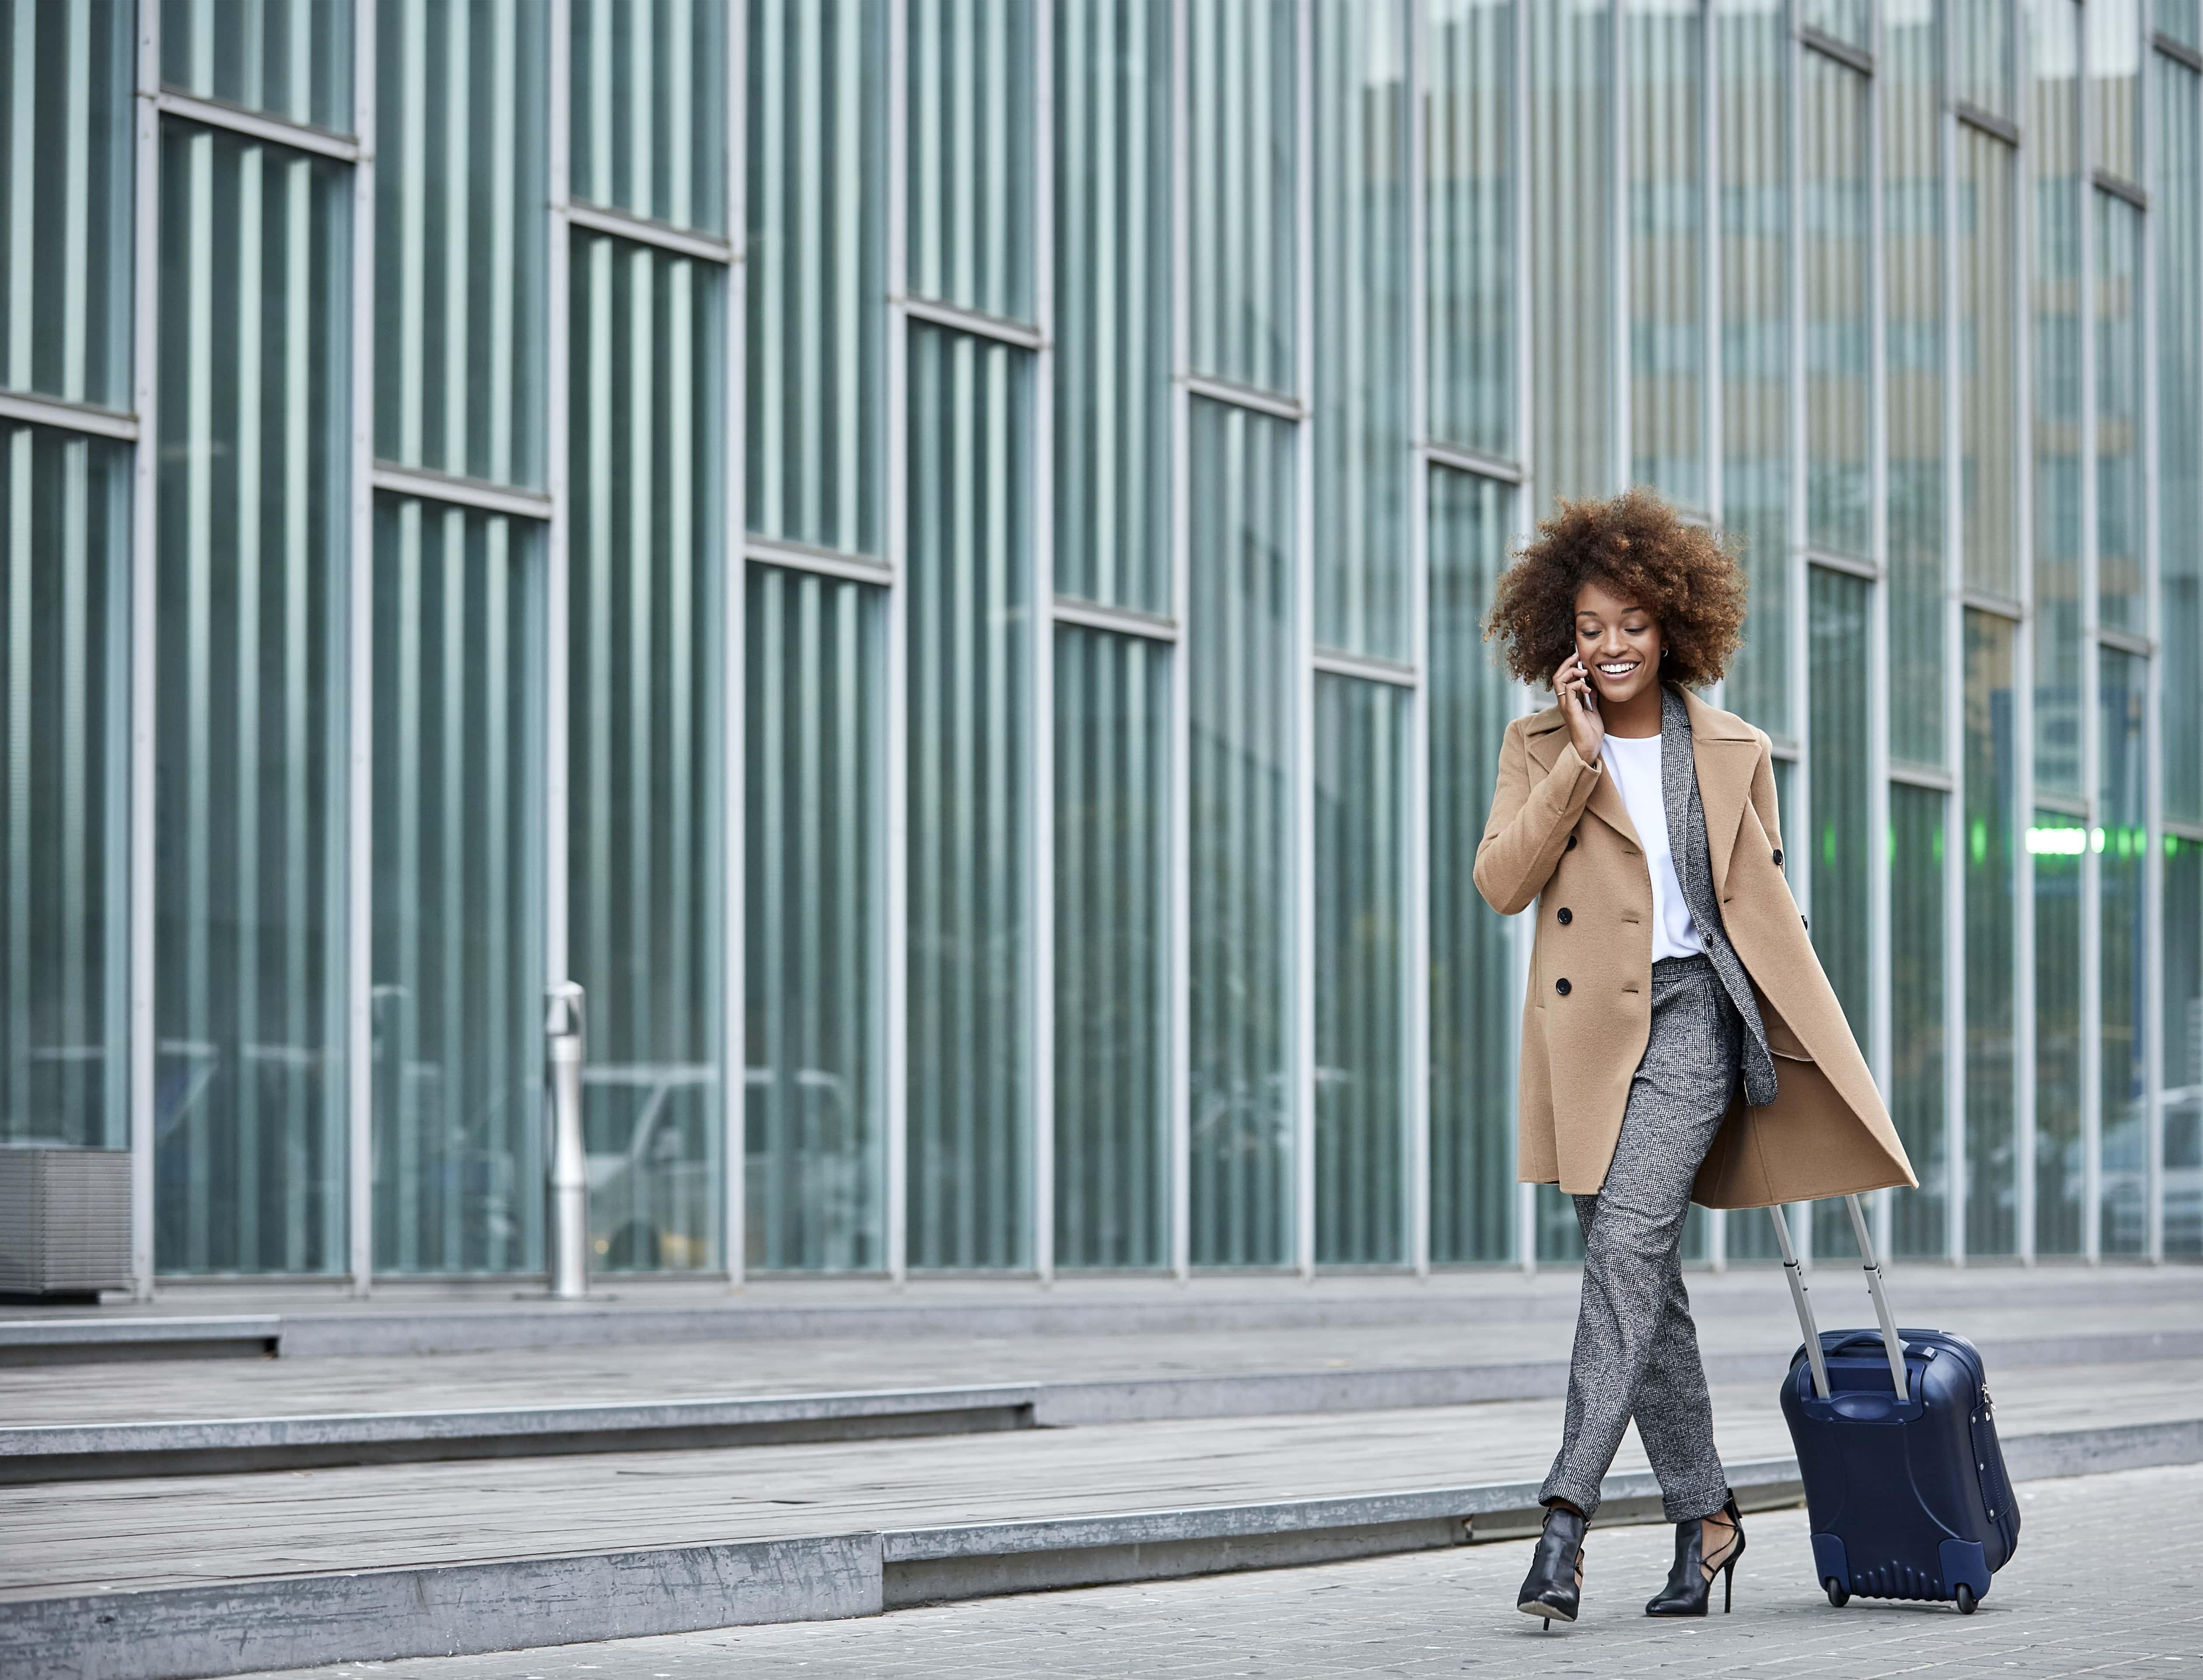 Geschäftsreisende mit Koffer und Smartphone